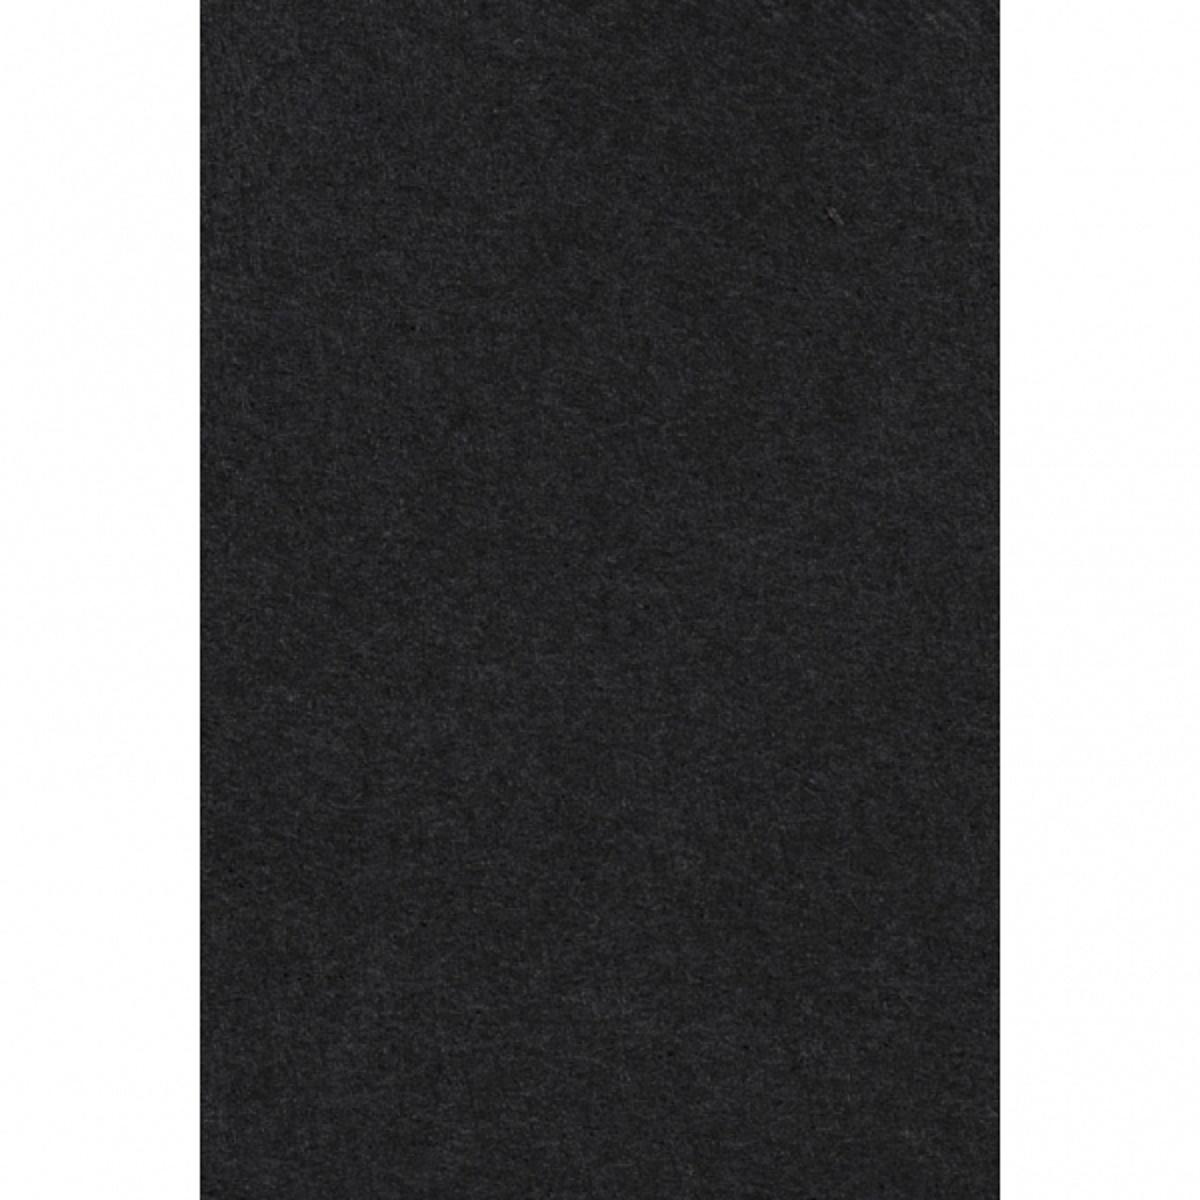 Uni Einweg Papier Tischdecke 137x274 cm